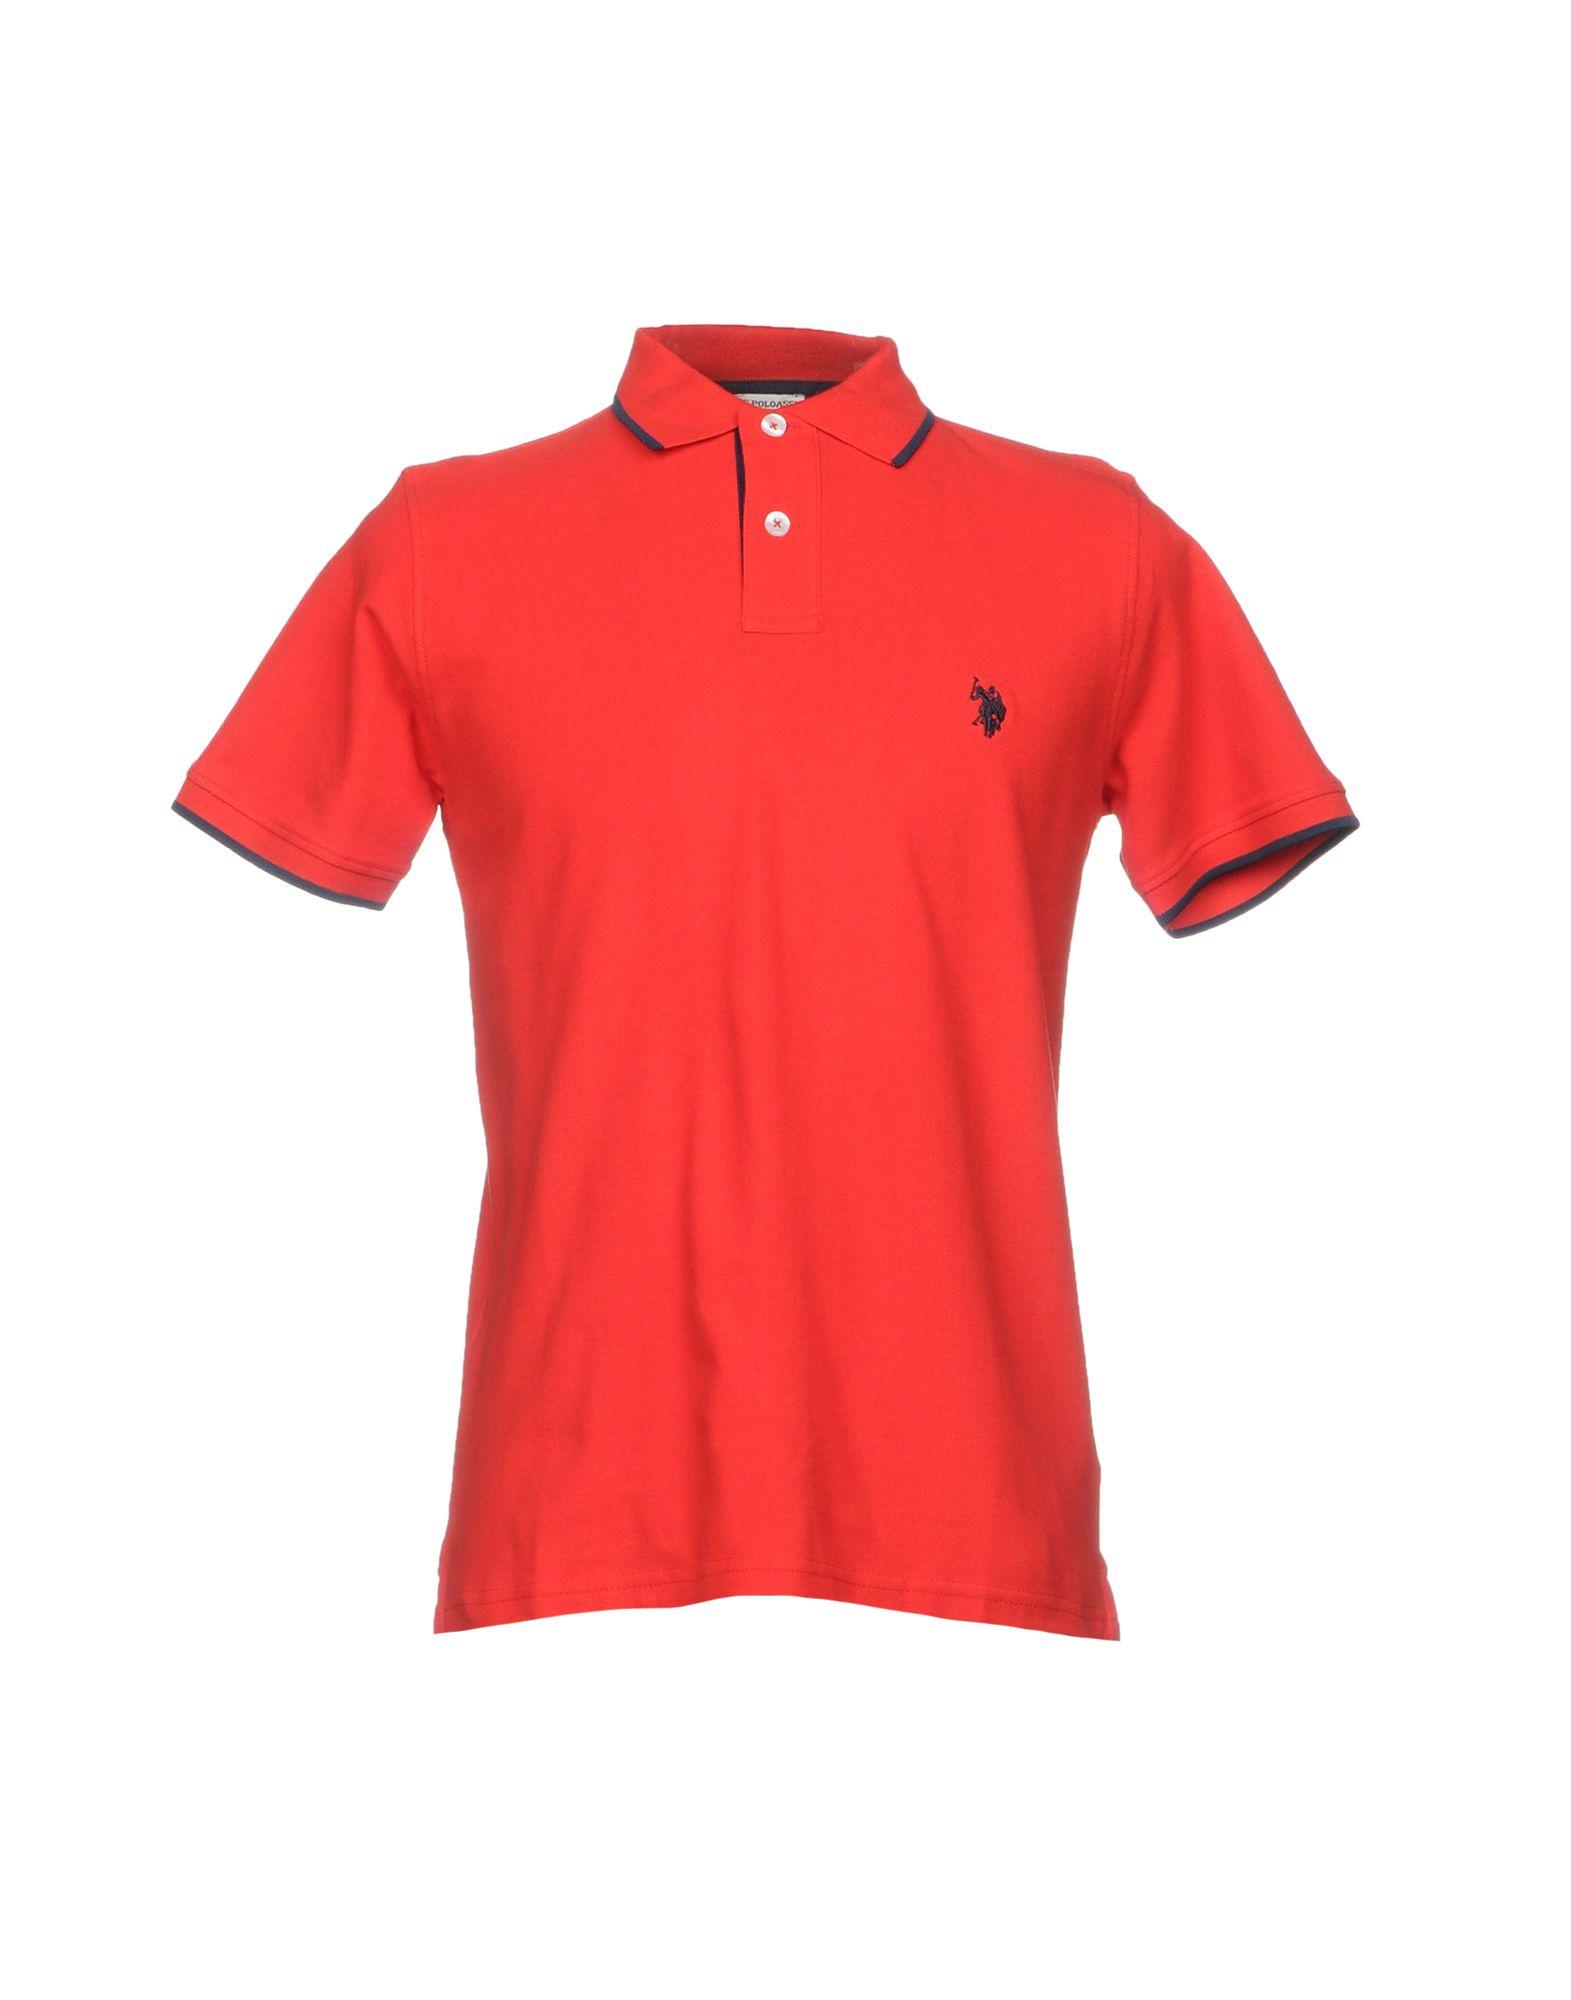 《送料無料》U.S.POLO ASSN. メンズ ポロシャツ レッド M コットン 100%